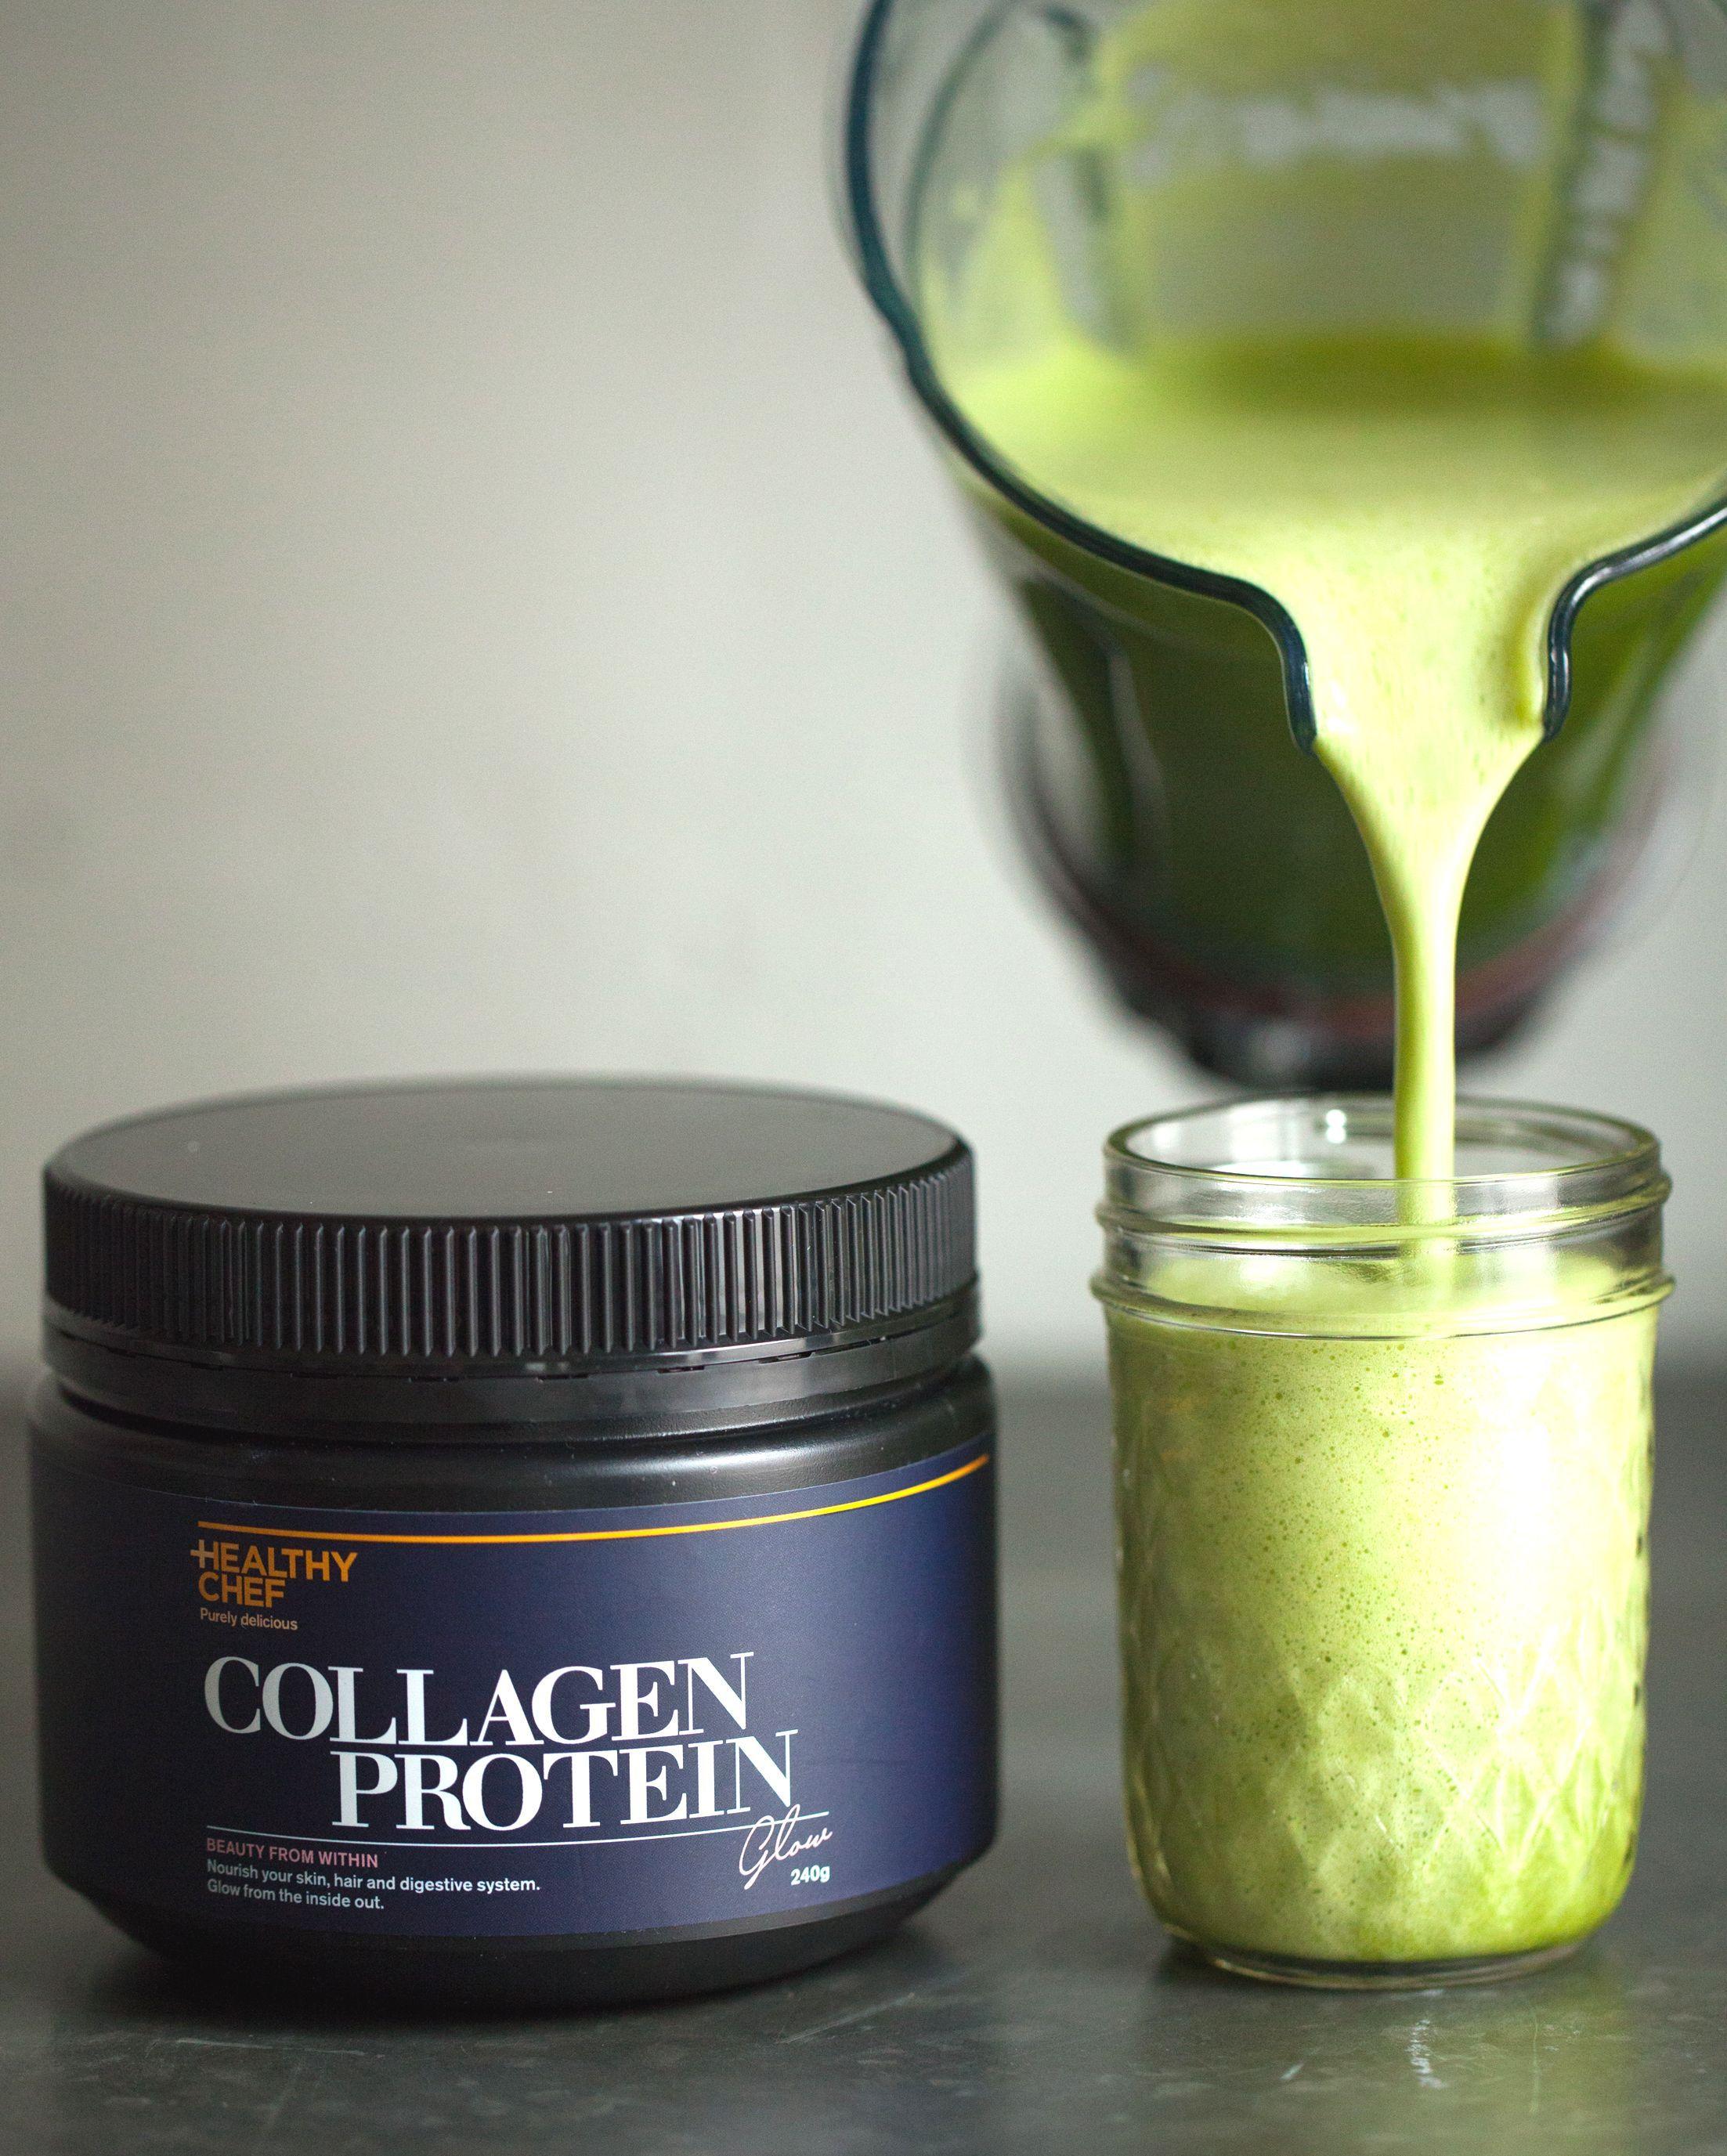 Healthy Chef Marine Collagen Protein In 2020 Collagen Protein Collagen Healthy Chef